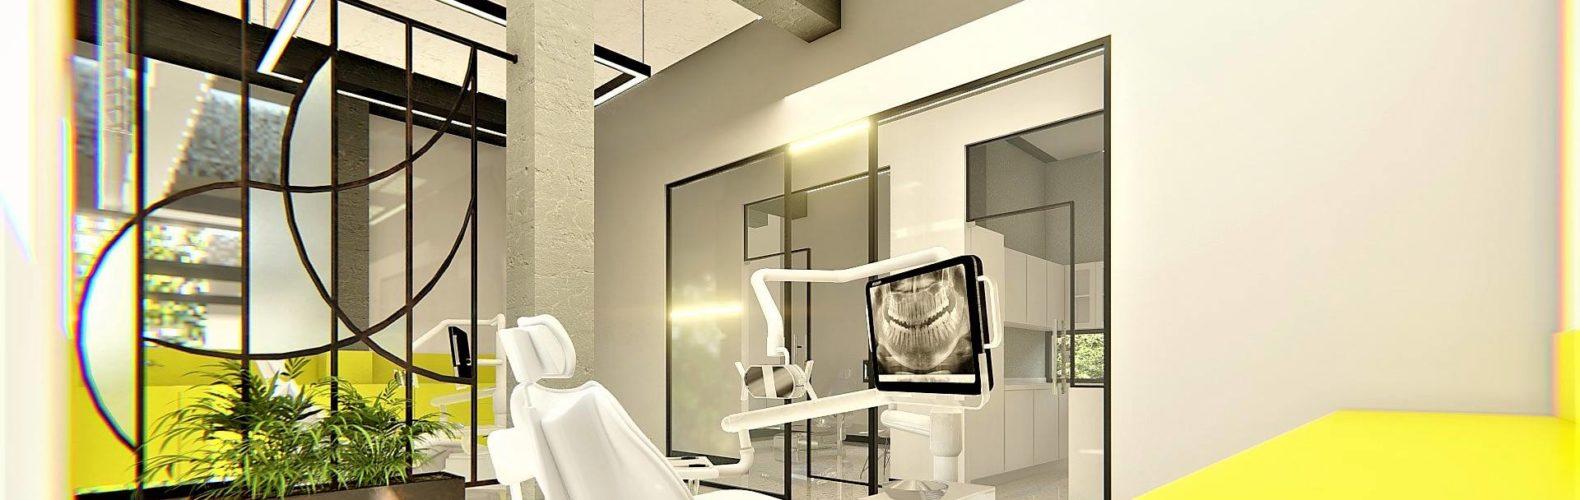 Ανακαίνιση Οδοντιατρείου